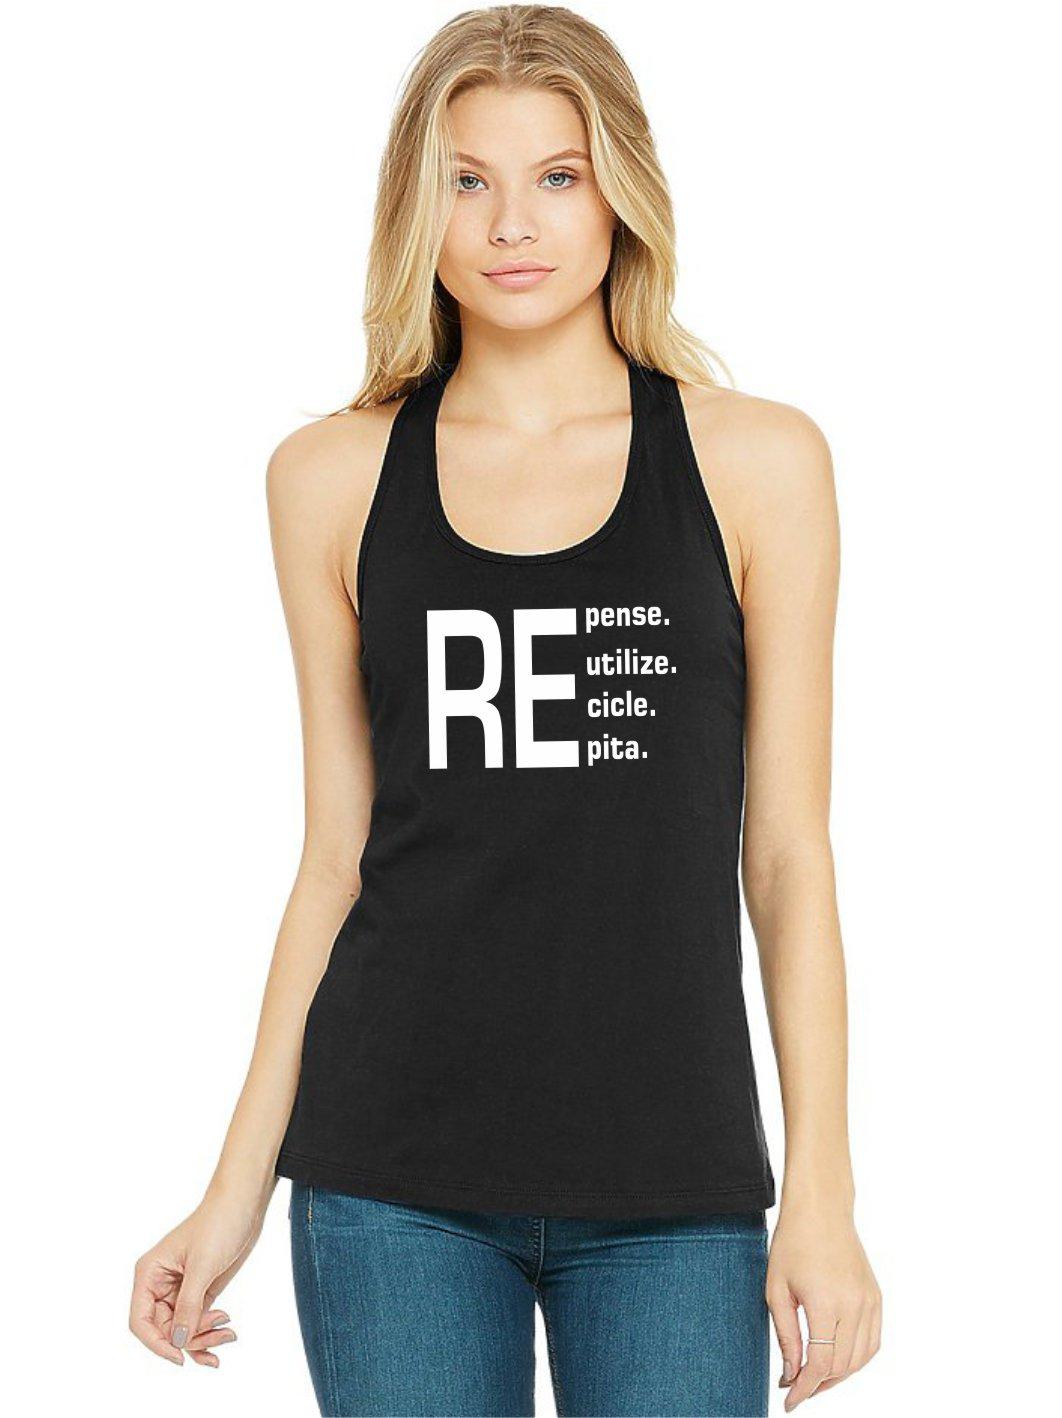 Regata Feminina Algodão Repense Reutilize Recicle Repita ER_170